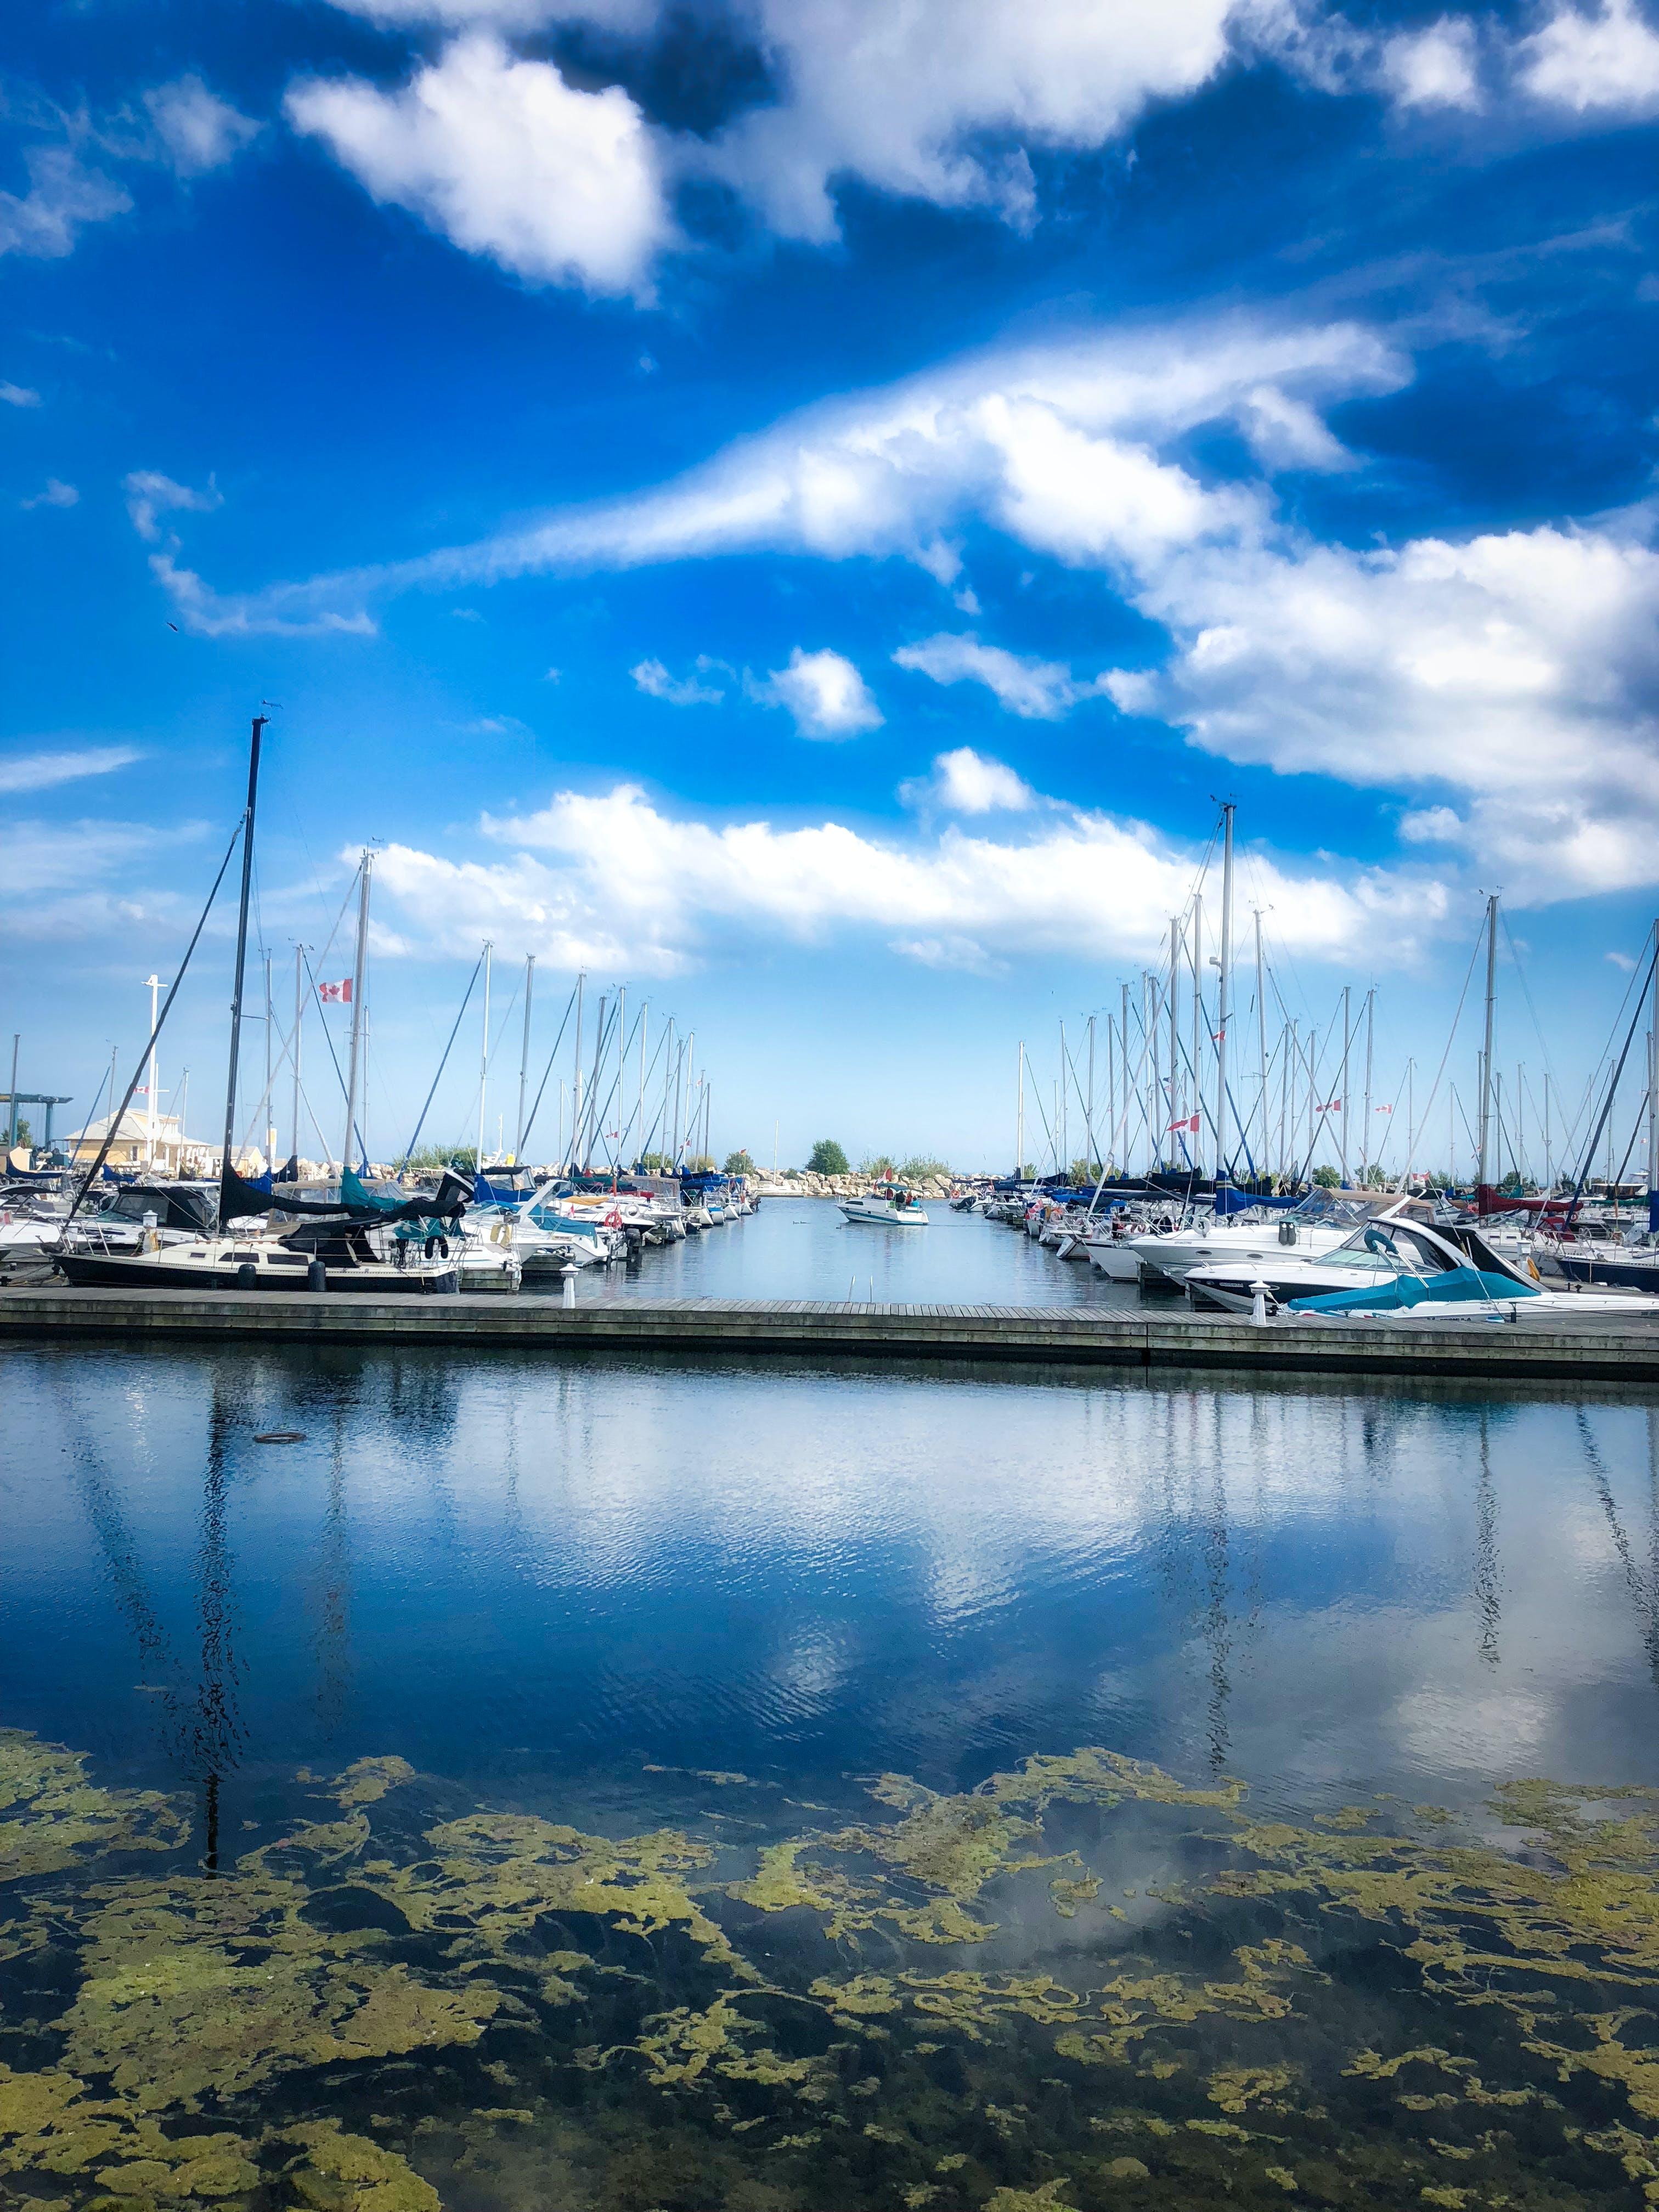 Δωρεάν στοκ φωτογραφιών με βάρκα, θάλασσα, κατάστρωμα σκάφους, λιμάνι